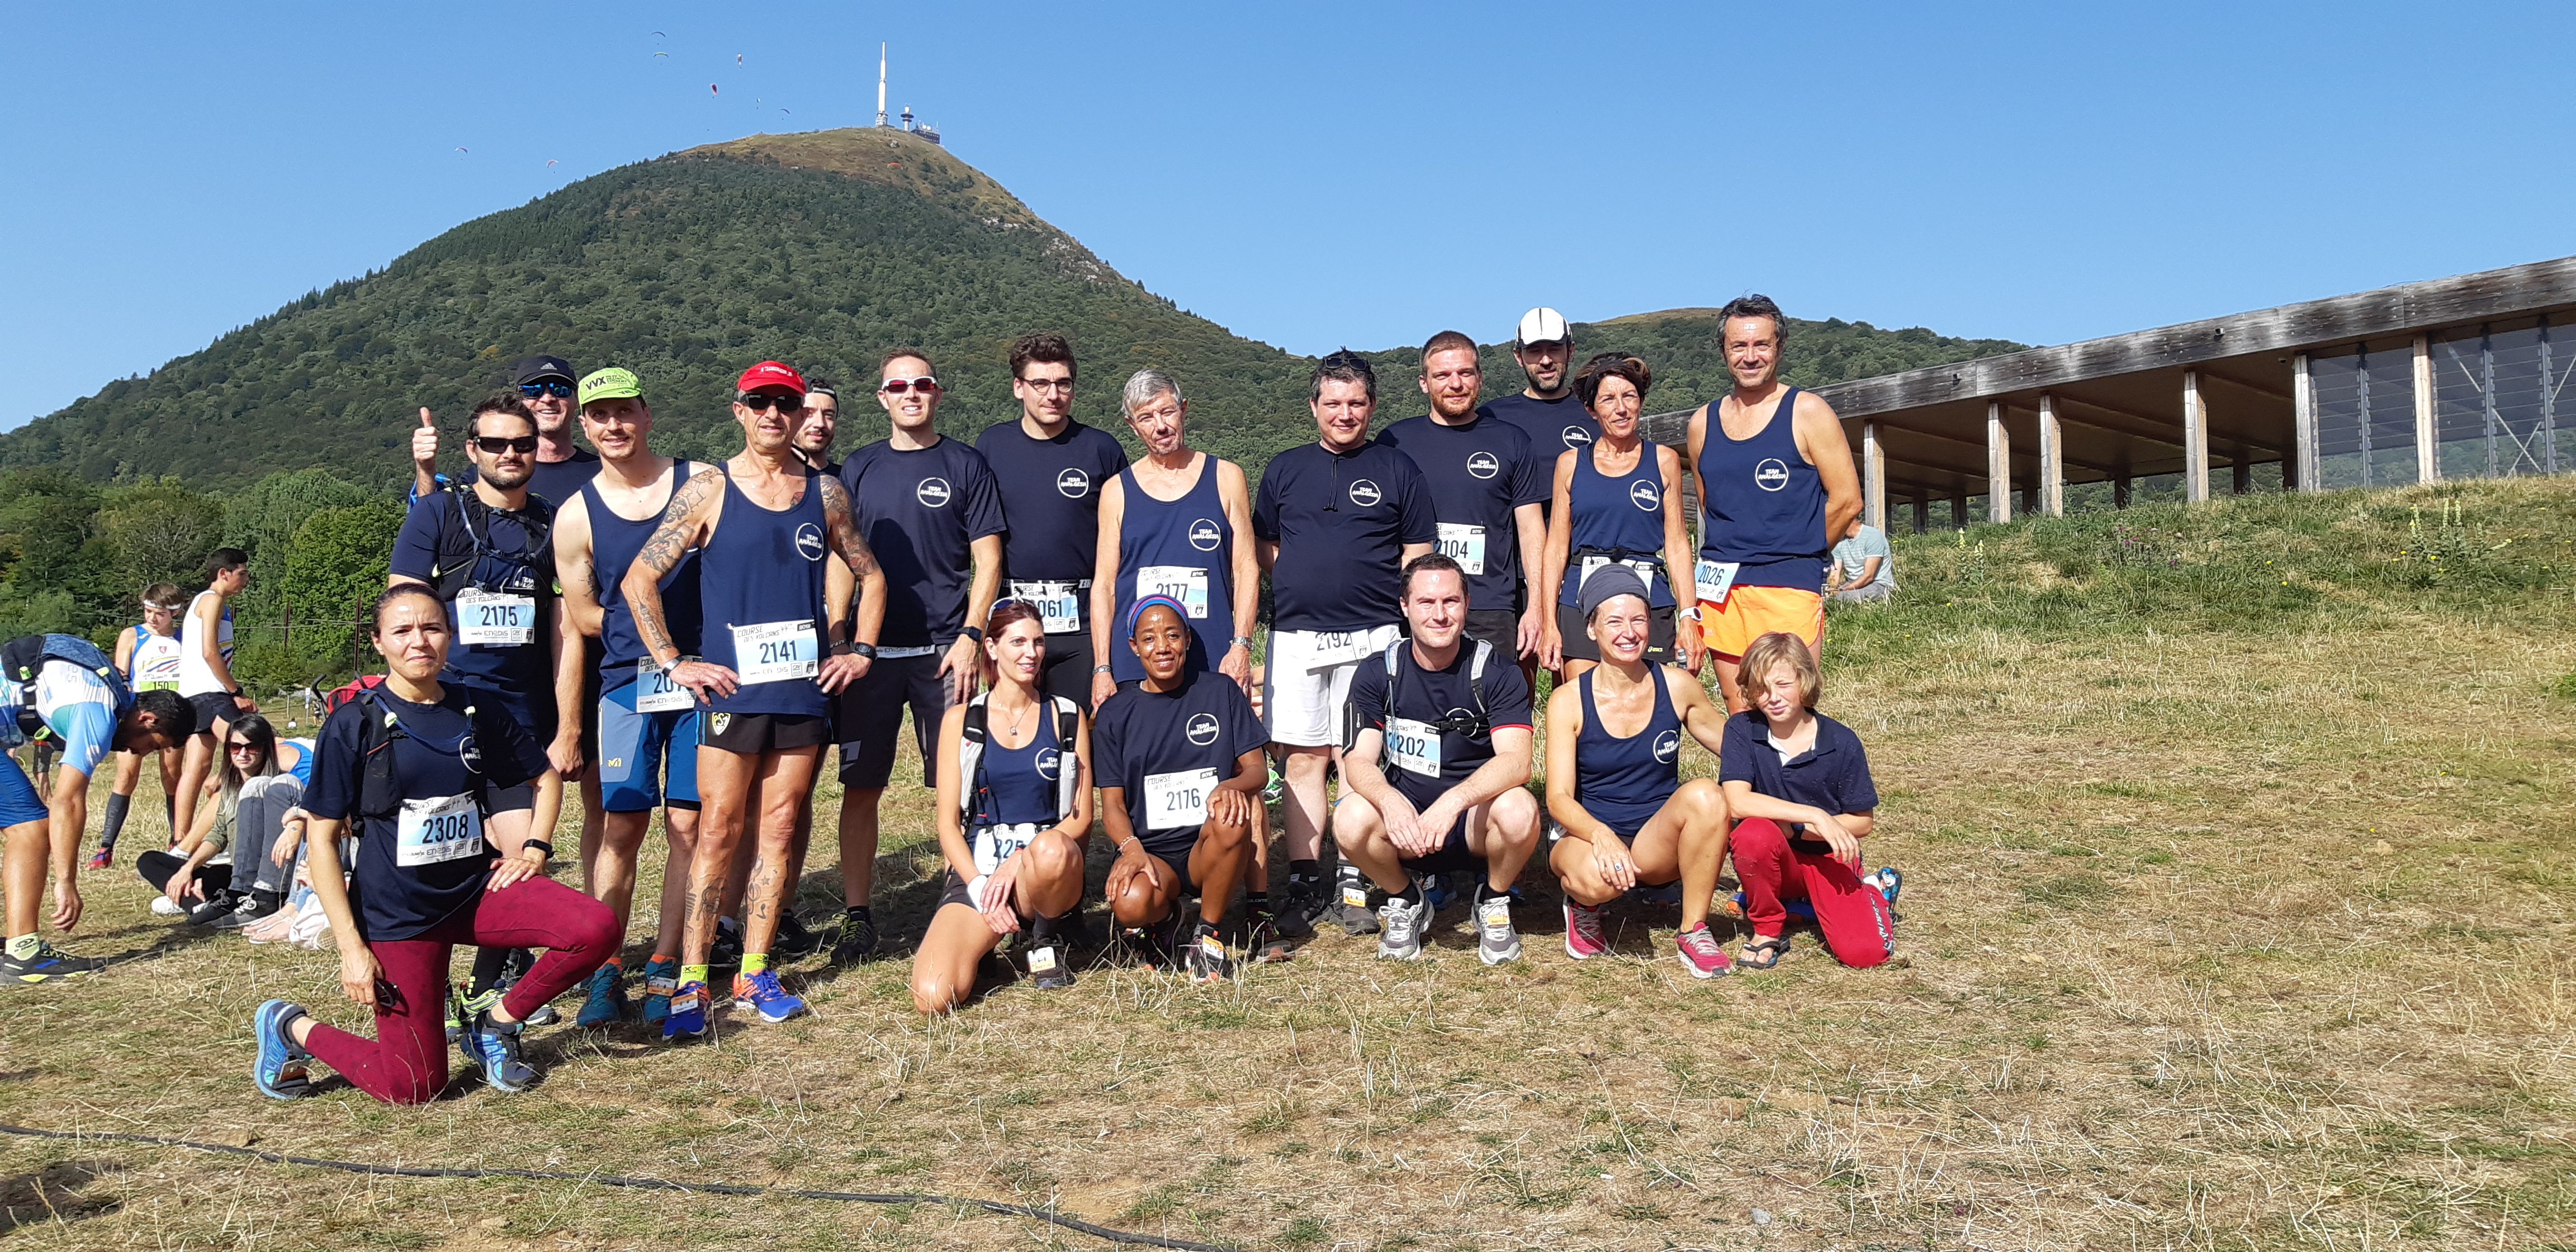 #Team ANALGESIA Course de volcans 7